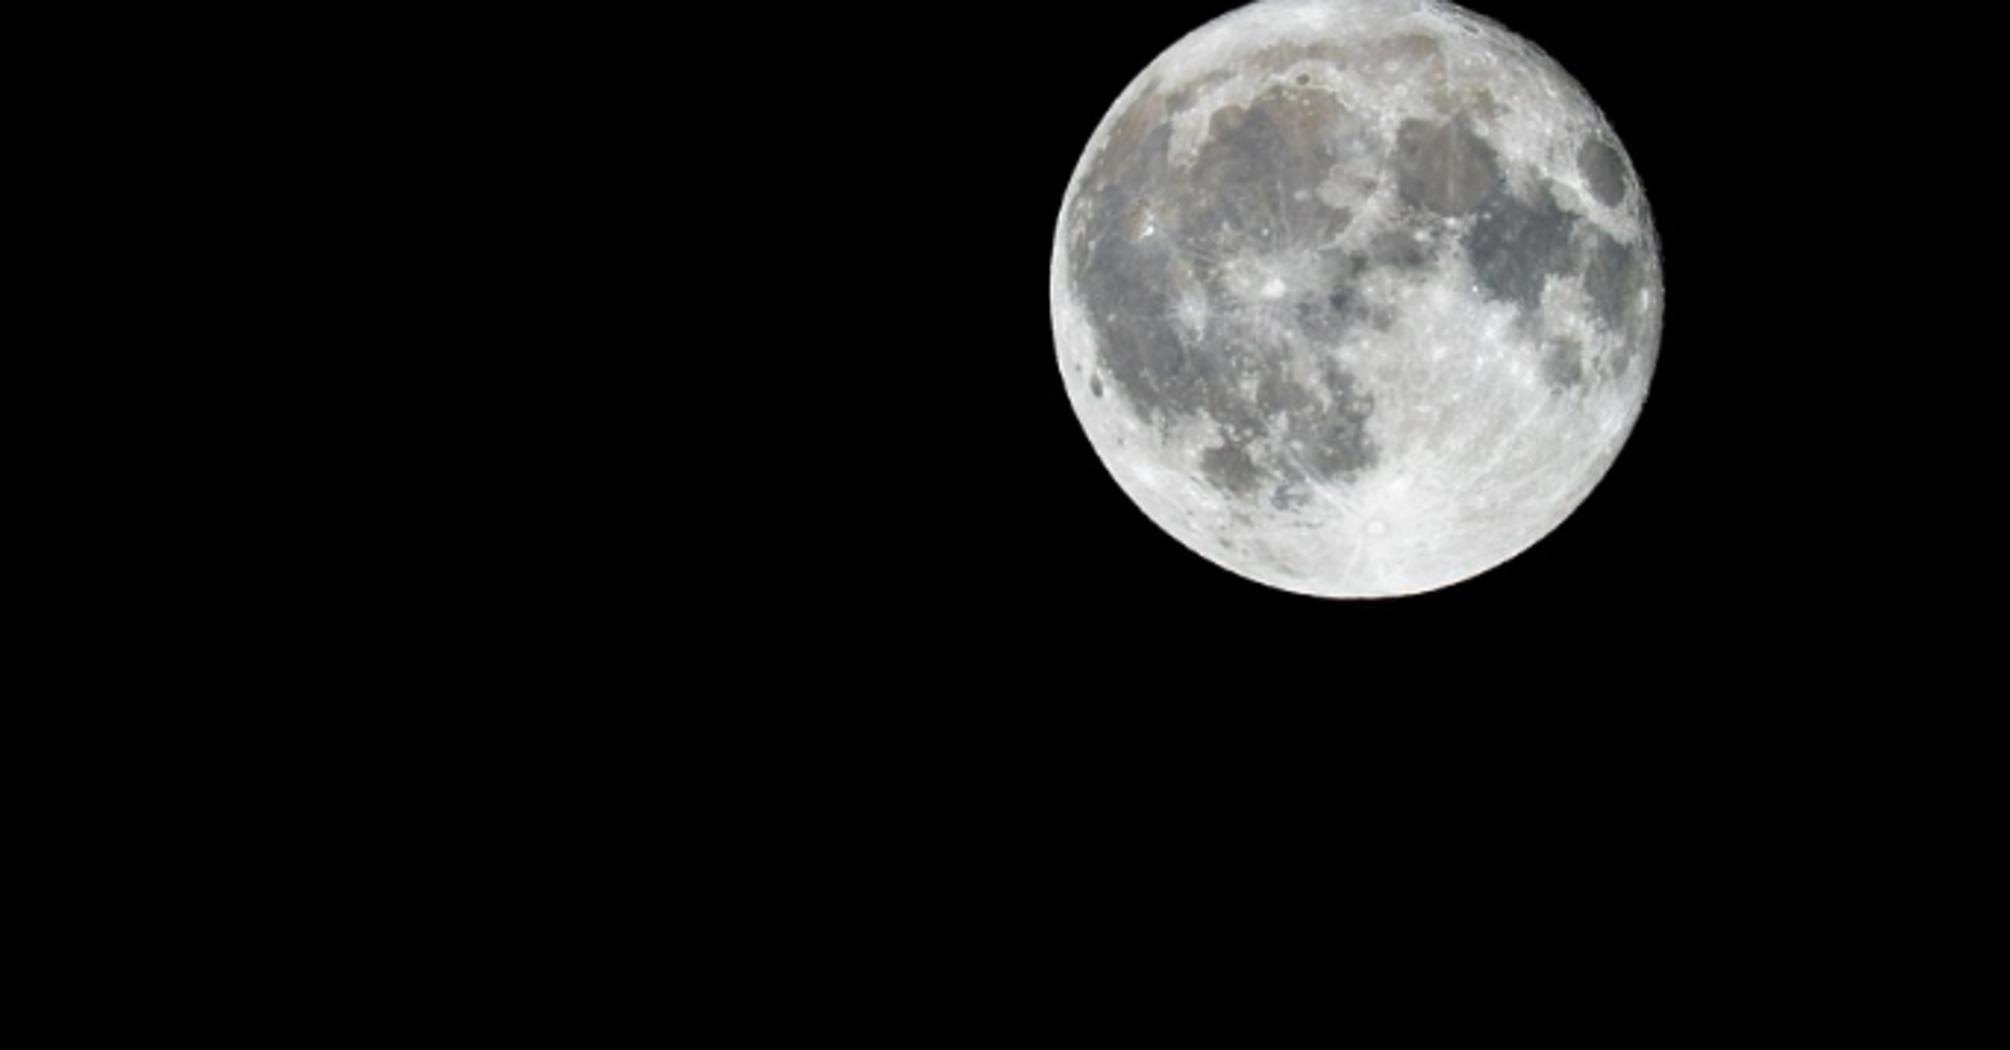 Час звільнення, романтики і розвитку: що пророкує місячний календар на тиждень 9-15 березня